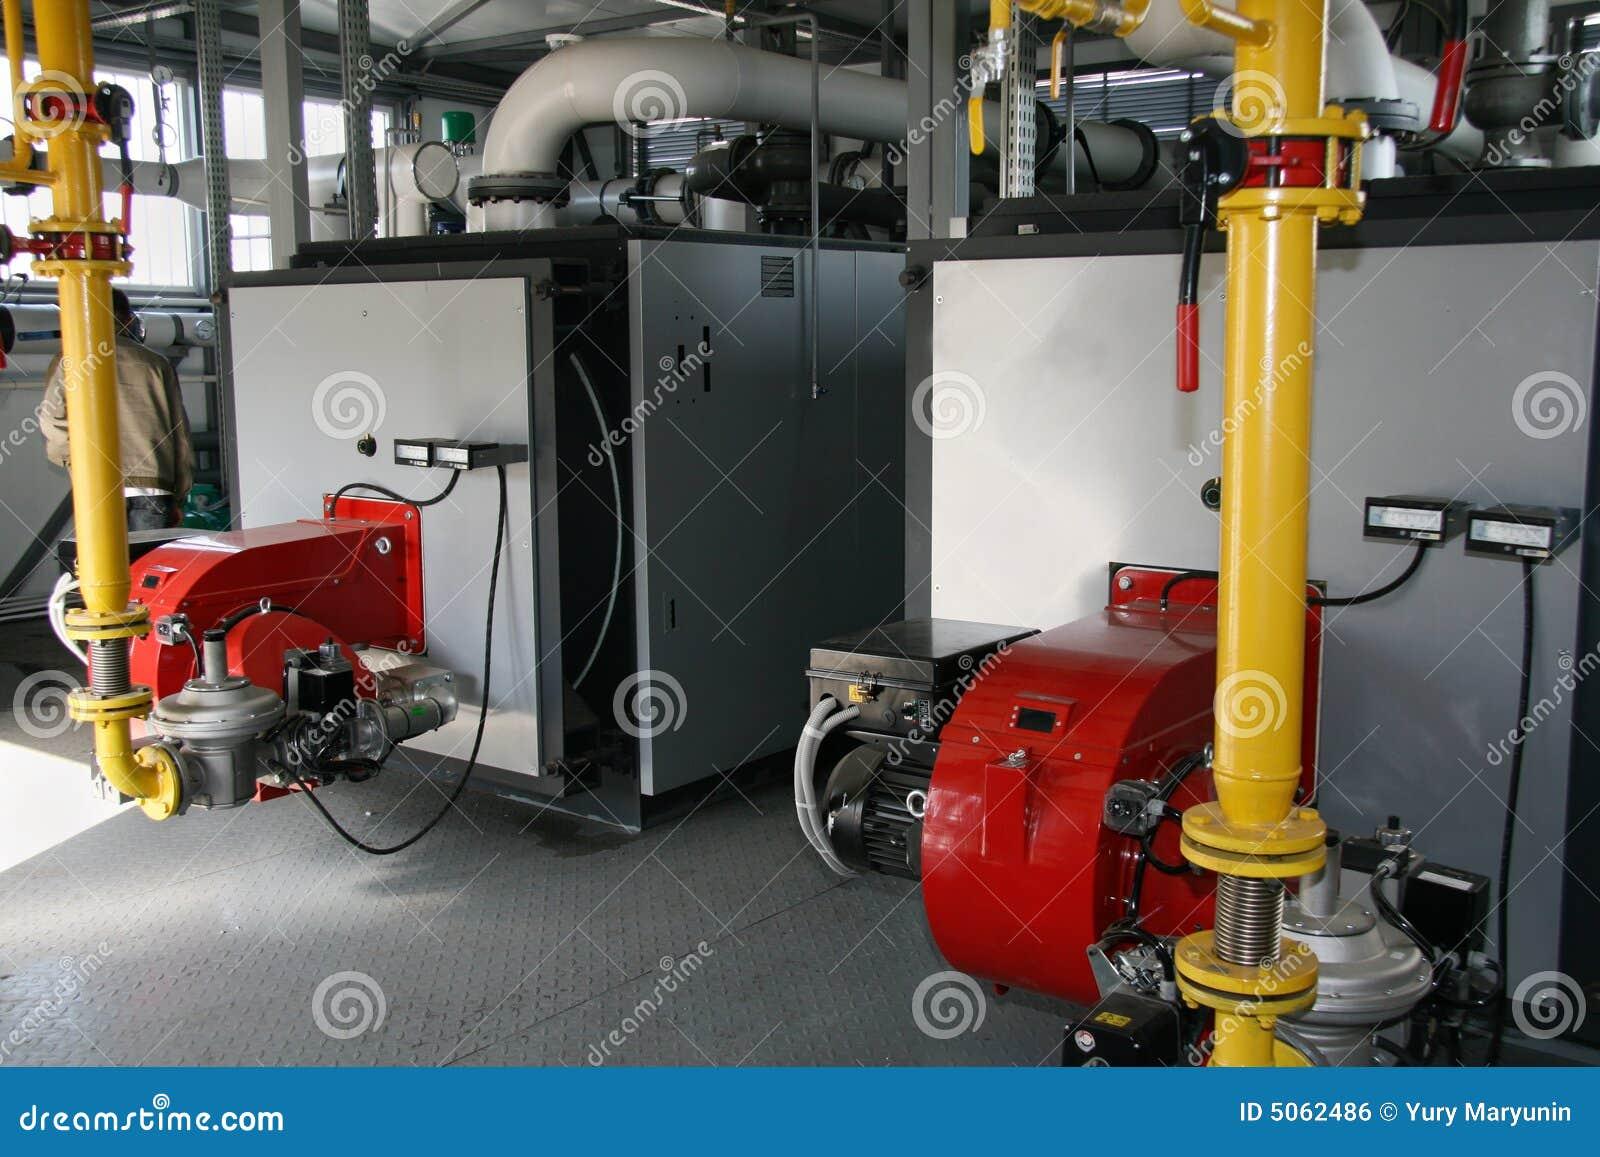 Fein Gas Dampfkessel Ideen - Verdrahtungsideen - korsmi.info